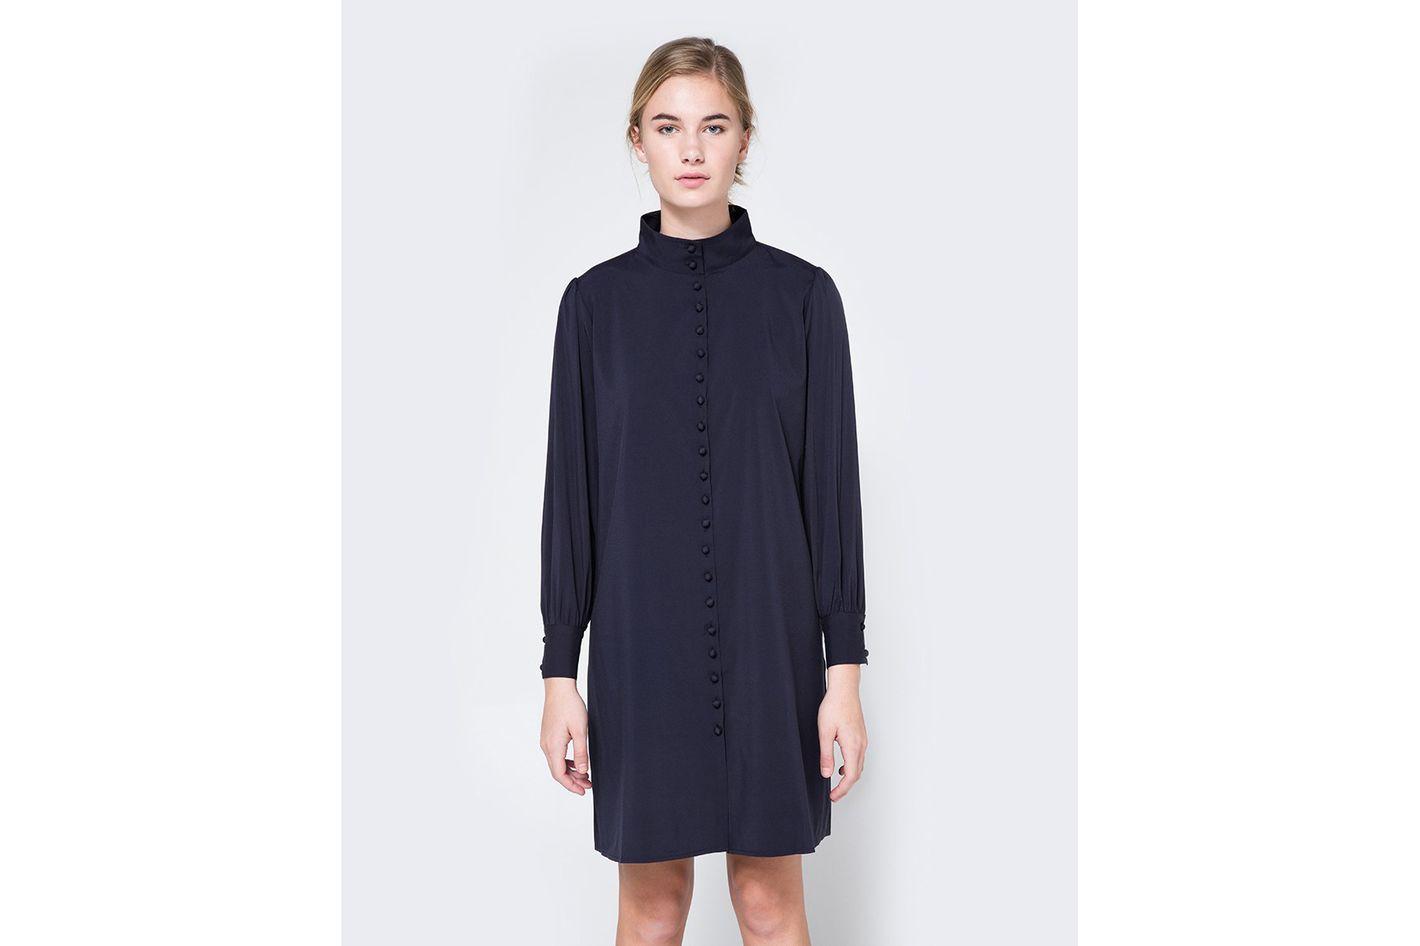 Farrow Abbey Dress